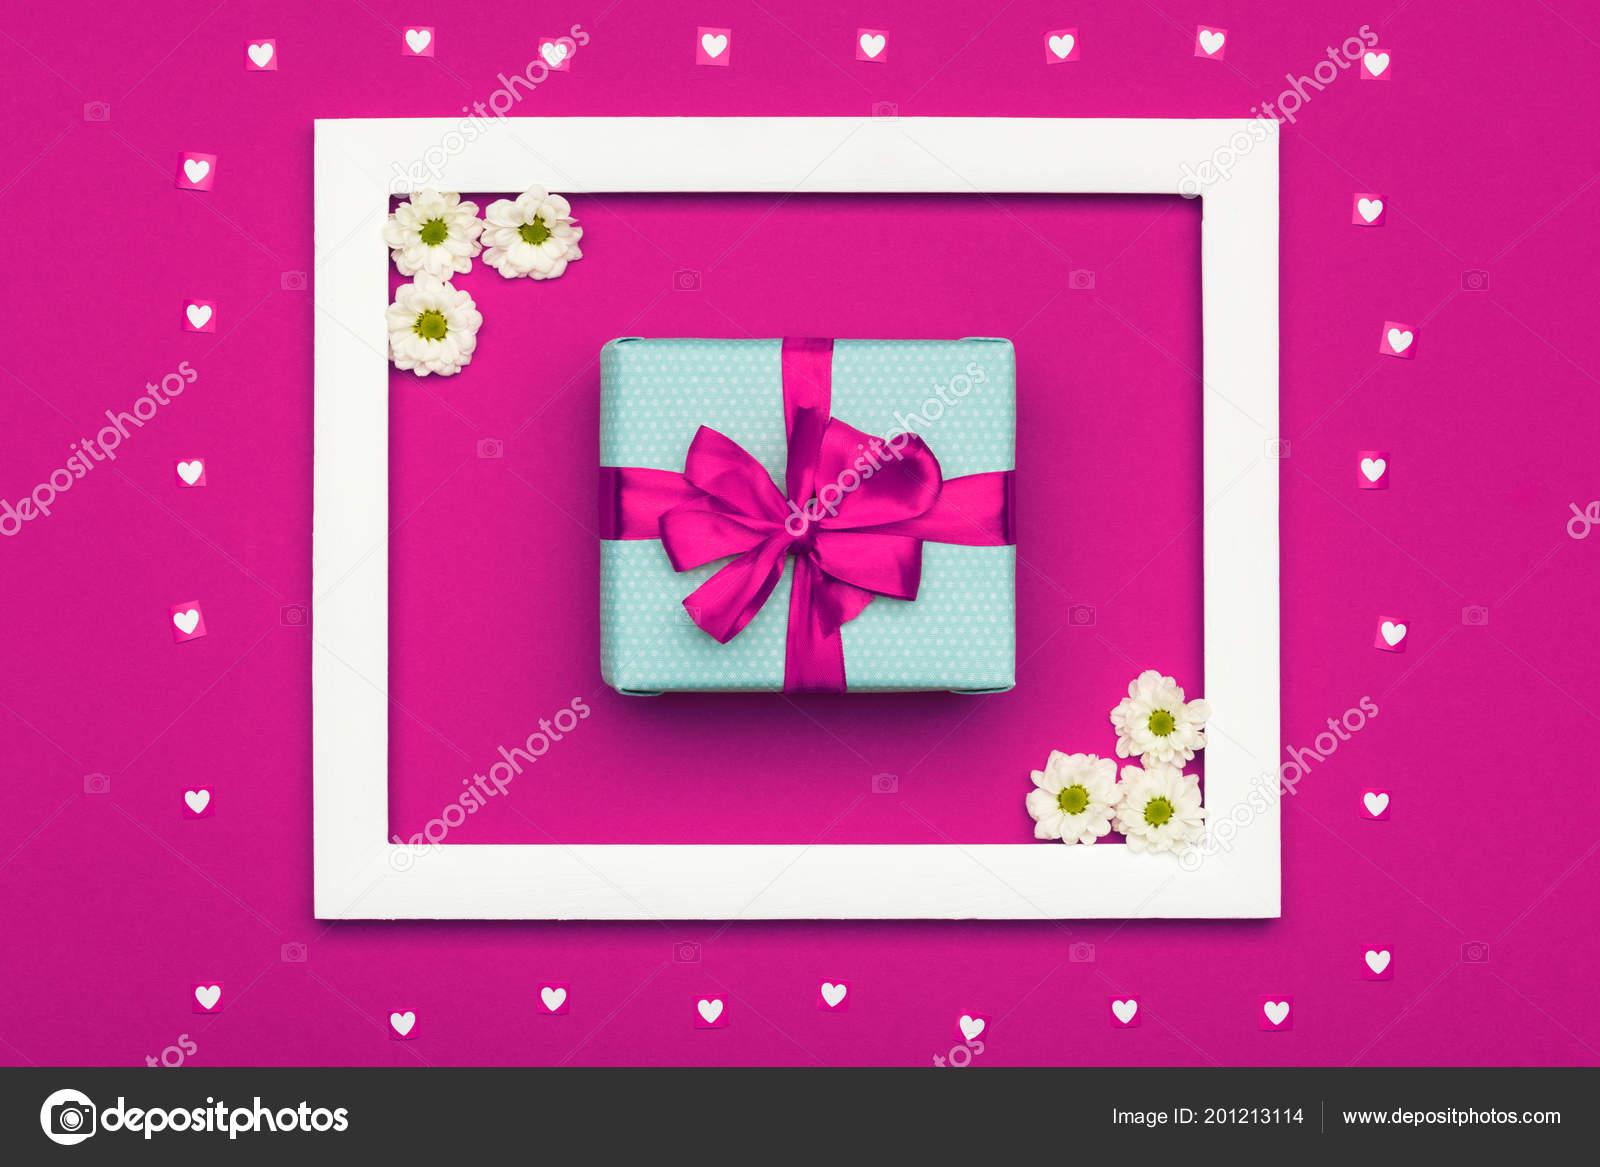 Bonne Fete Des Meres Femmes Jour Saint Valentin Anniversaire Pastel